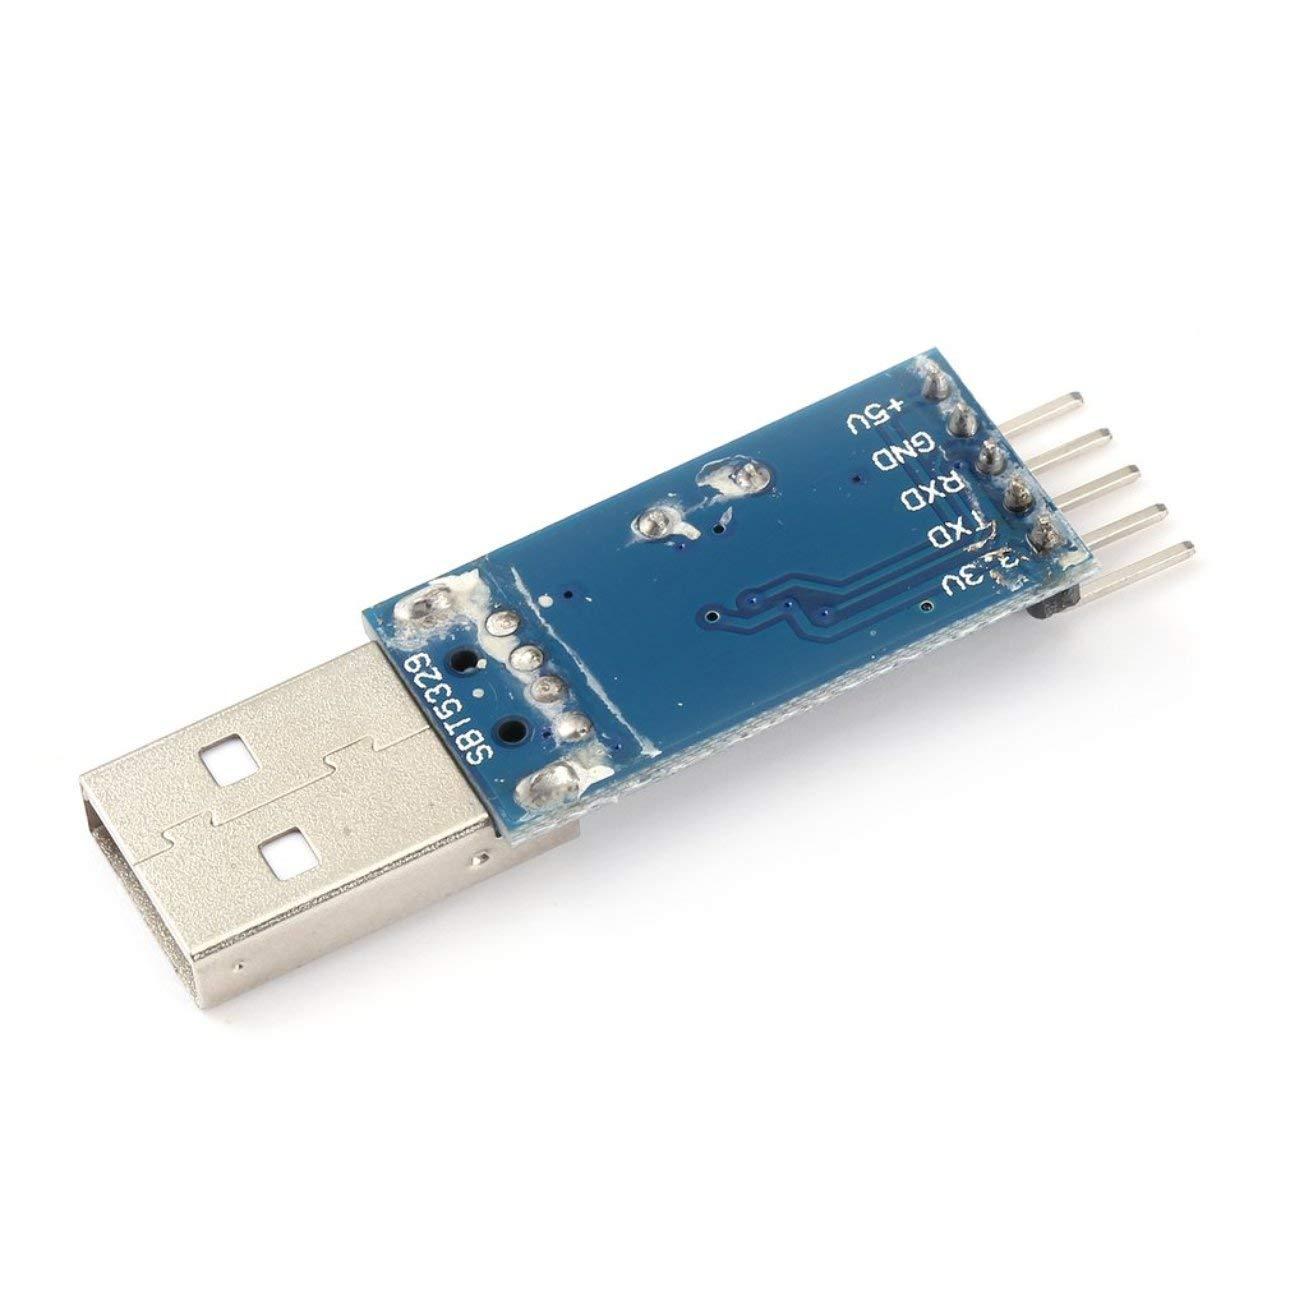 Pudincoco 1 pcs H161 PL2303 USB Adaptateur Convertisseur Module pour La D/étection De La Voiture GPS pour Arduino Support WIN7 Syst/ème